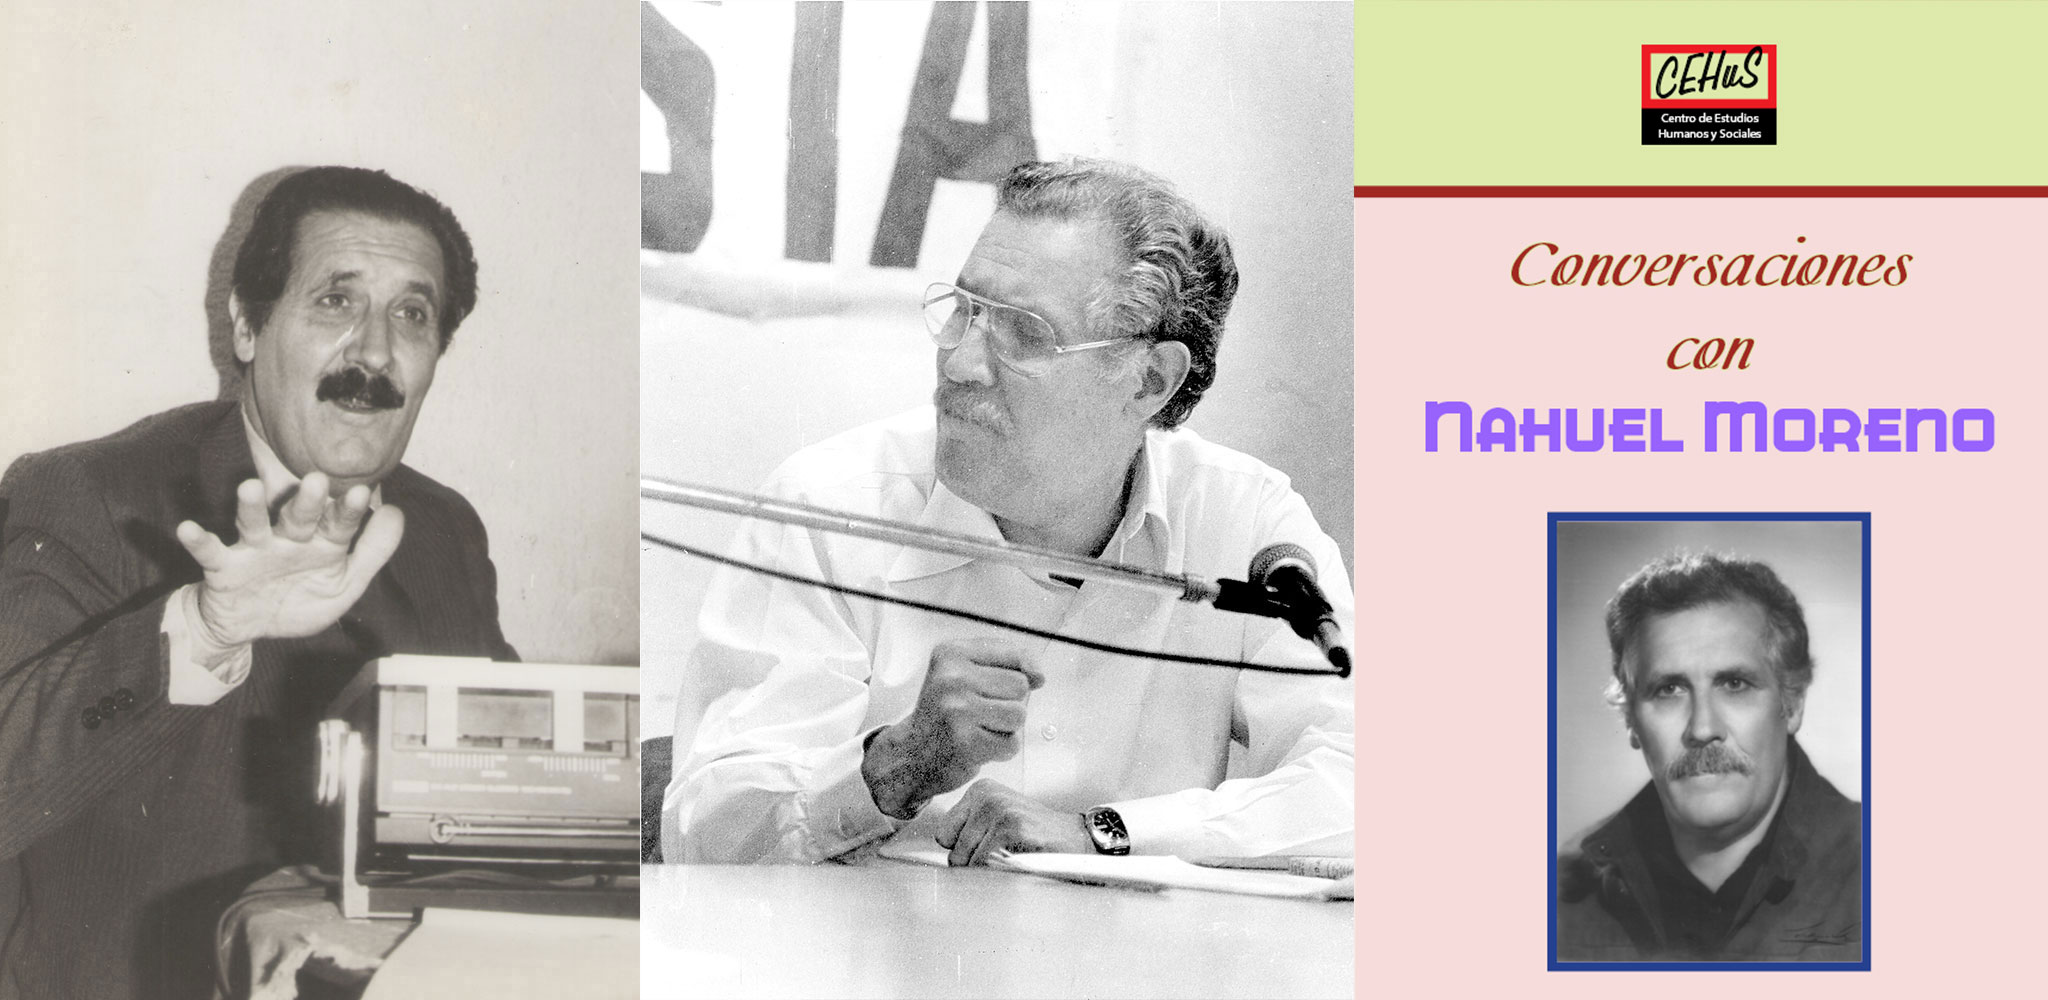 CONVERSACIONES CON NAHUEL MORENO (1986)